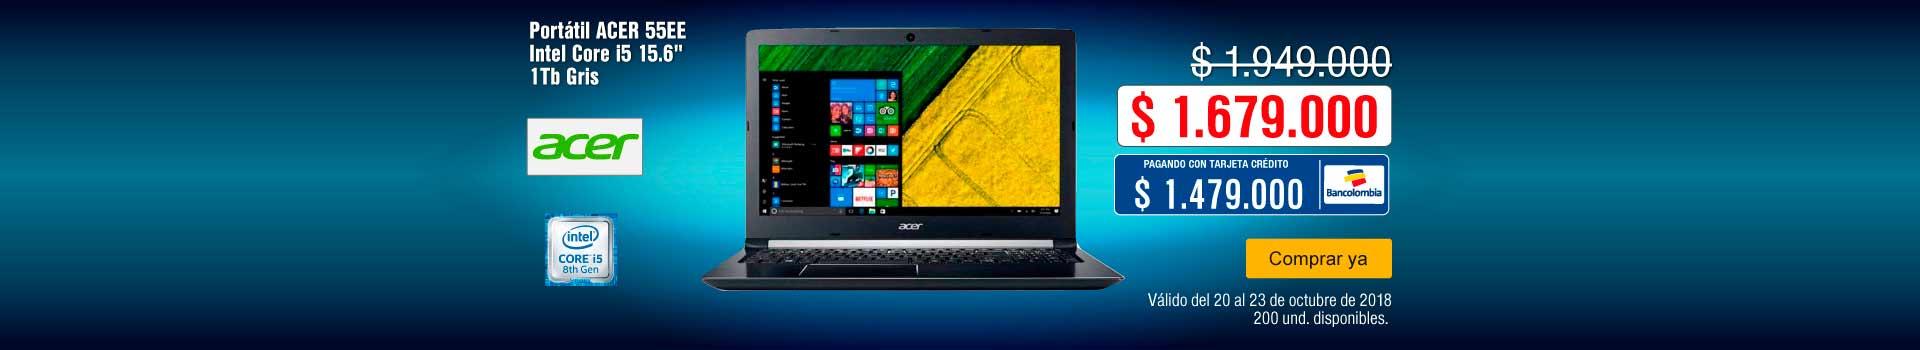 KT-BCAT-3-computadores y tablets-PP---Acer-Portátil 55EE-Oct20